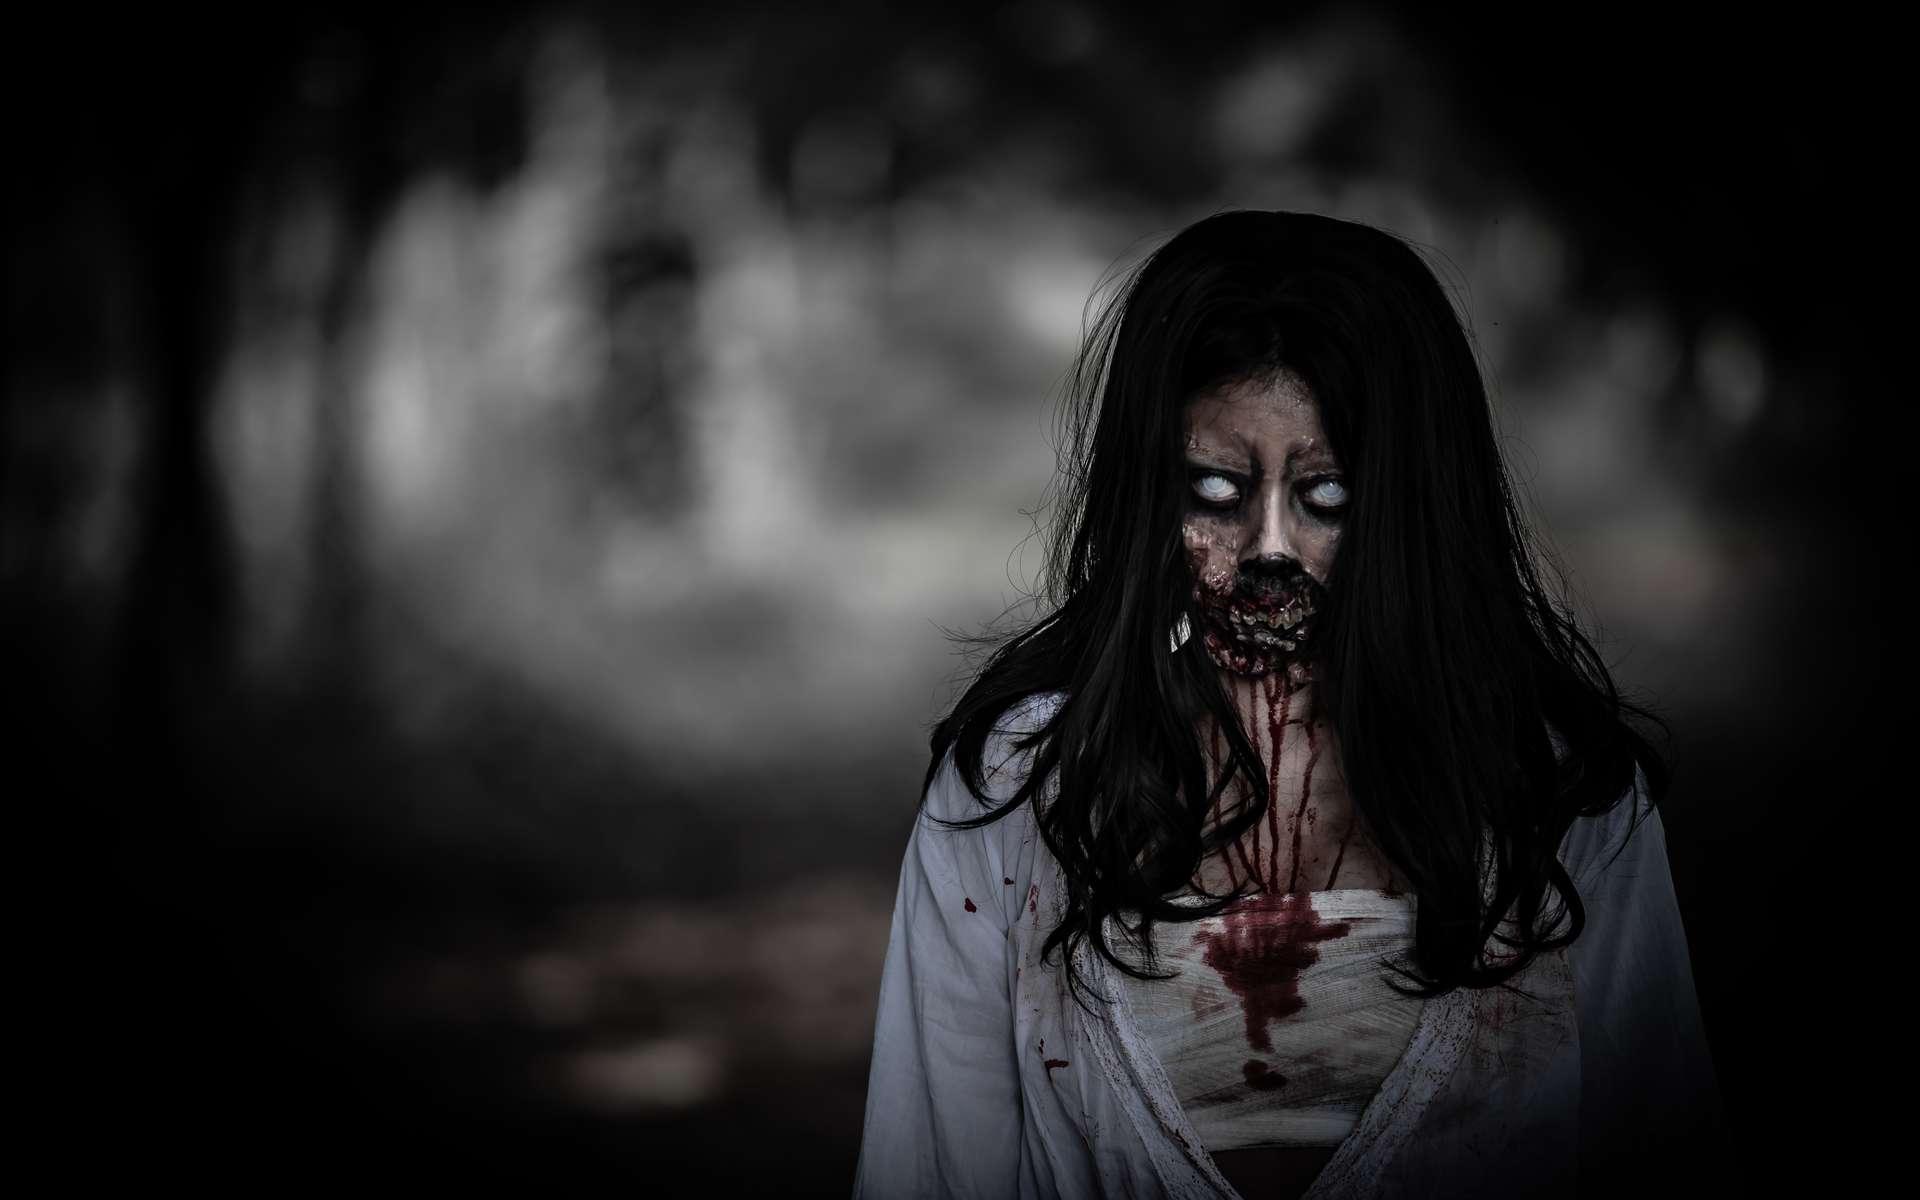 Regardez des films d'horreur peut-il nous aider à maigrir ? © reewungjunerr, Adobe Stock